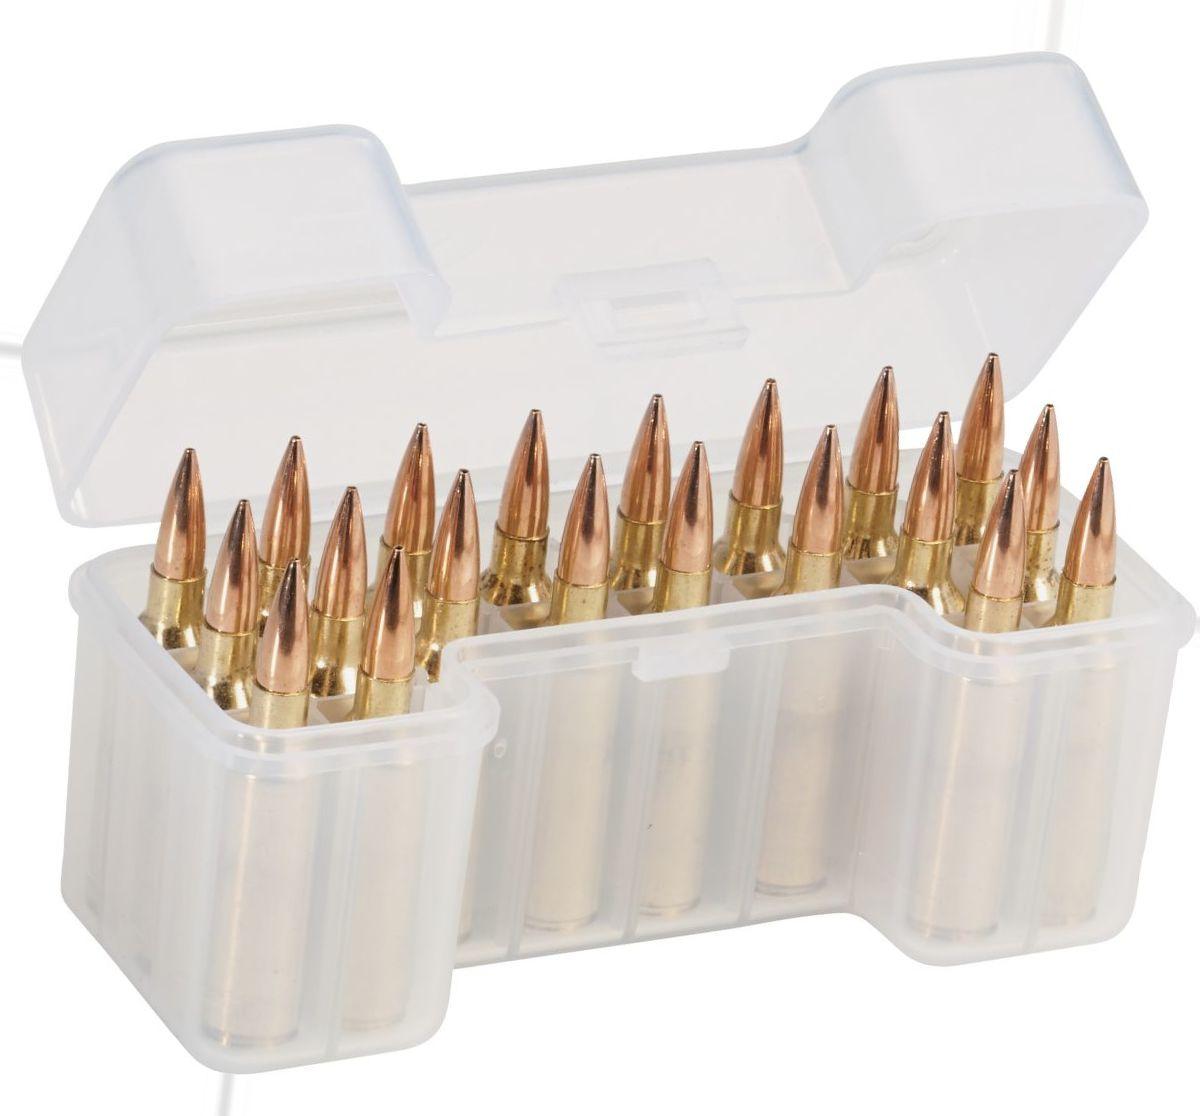 Cabela's 20-Round Ammo Boxes